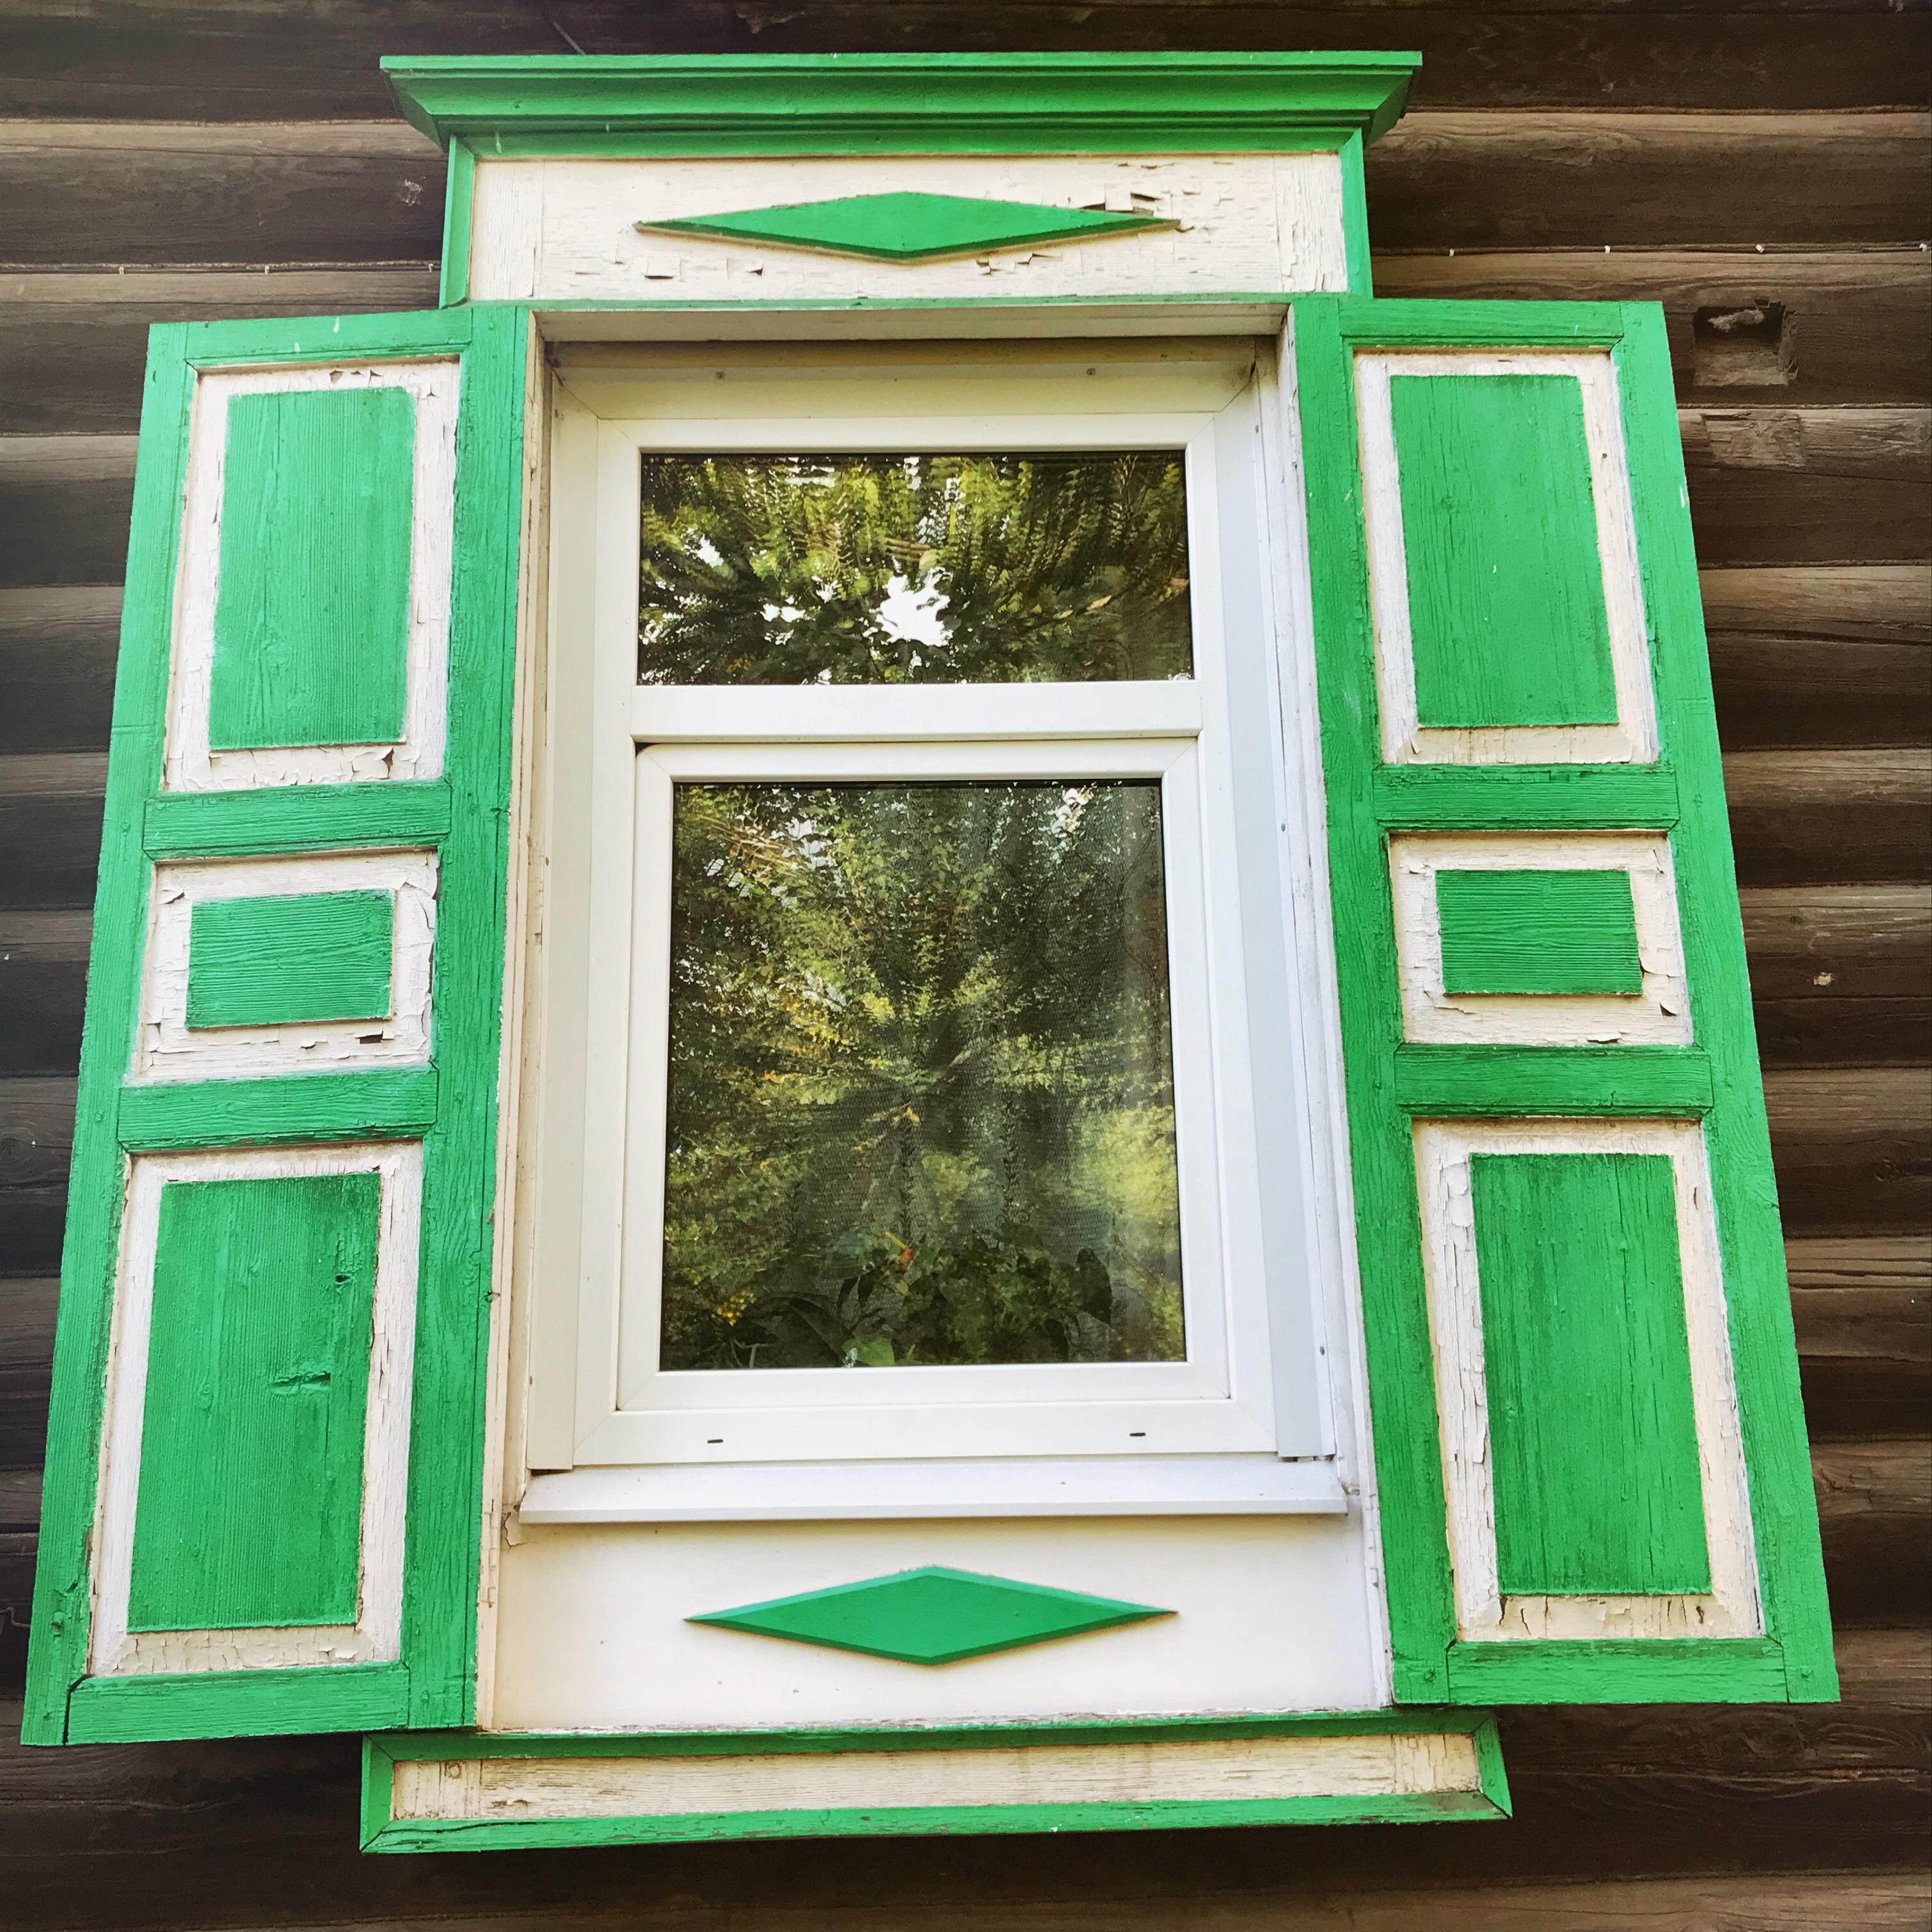 Sibirien Holzhaus Fenster grün